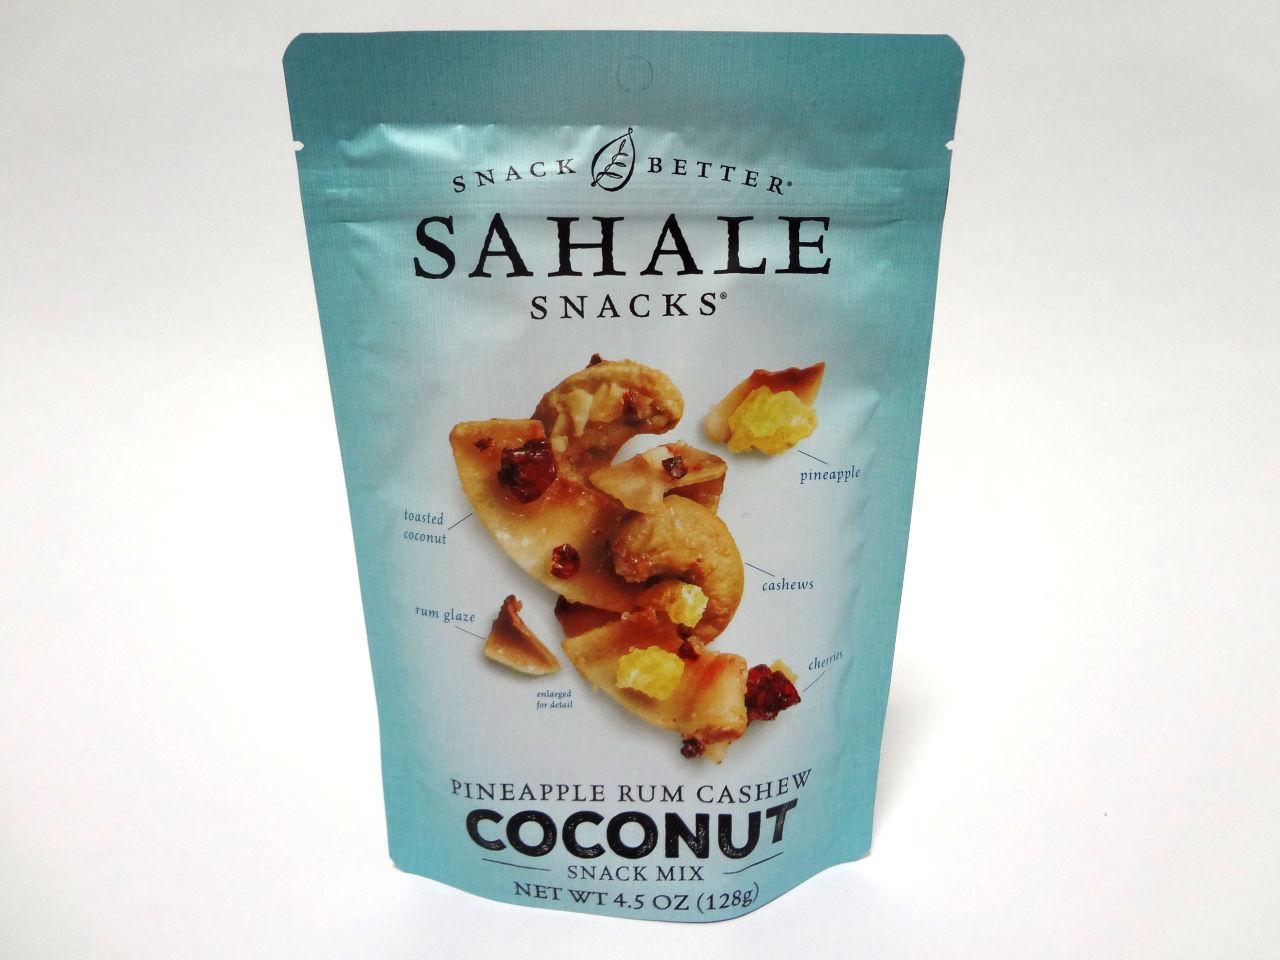 パイナップル ラム カシュー ココナッツのパッケージ